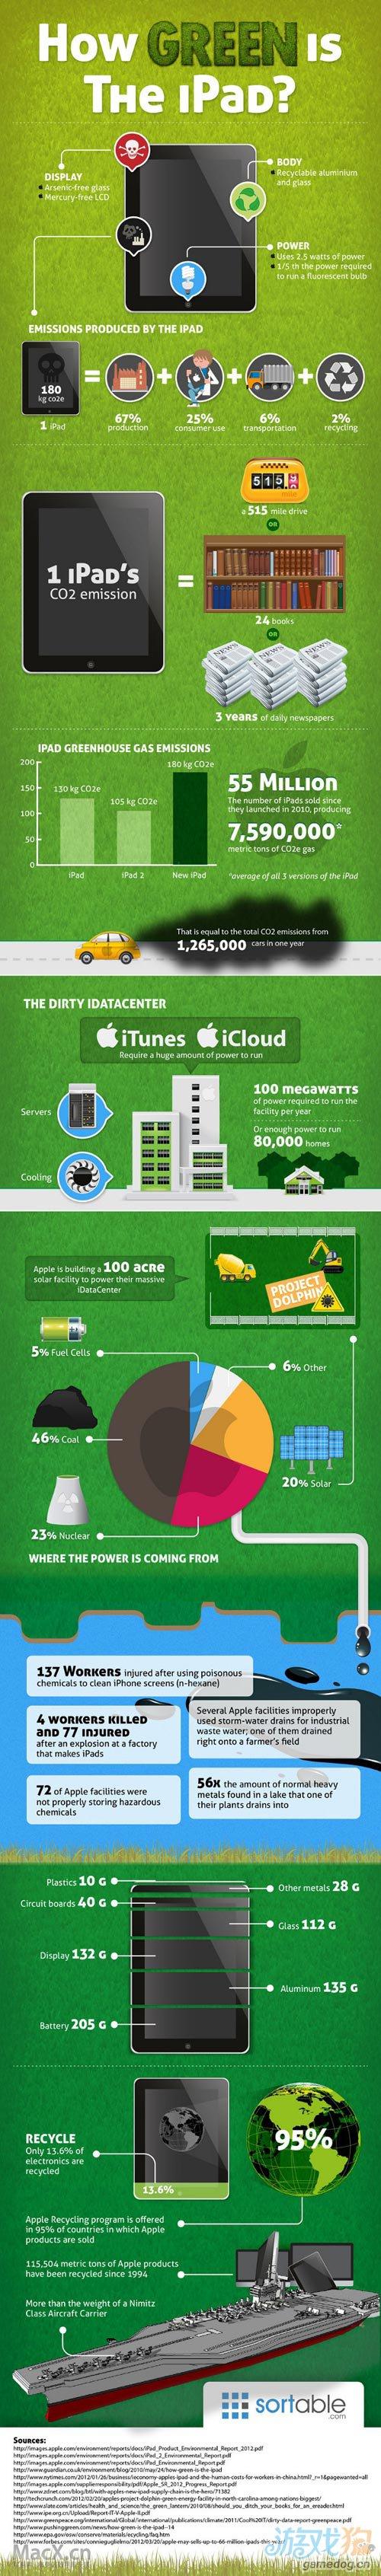 图表展示iPad如何影响我们地球与环境